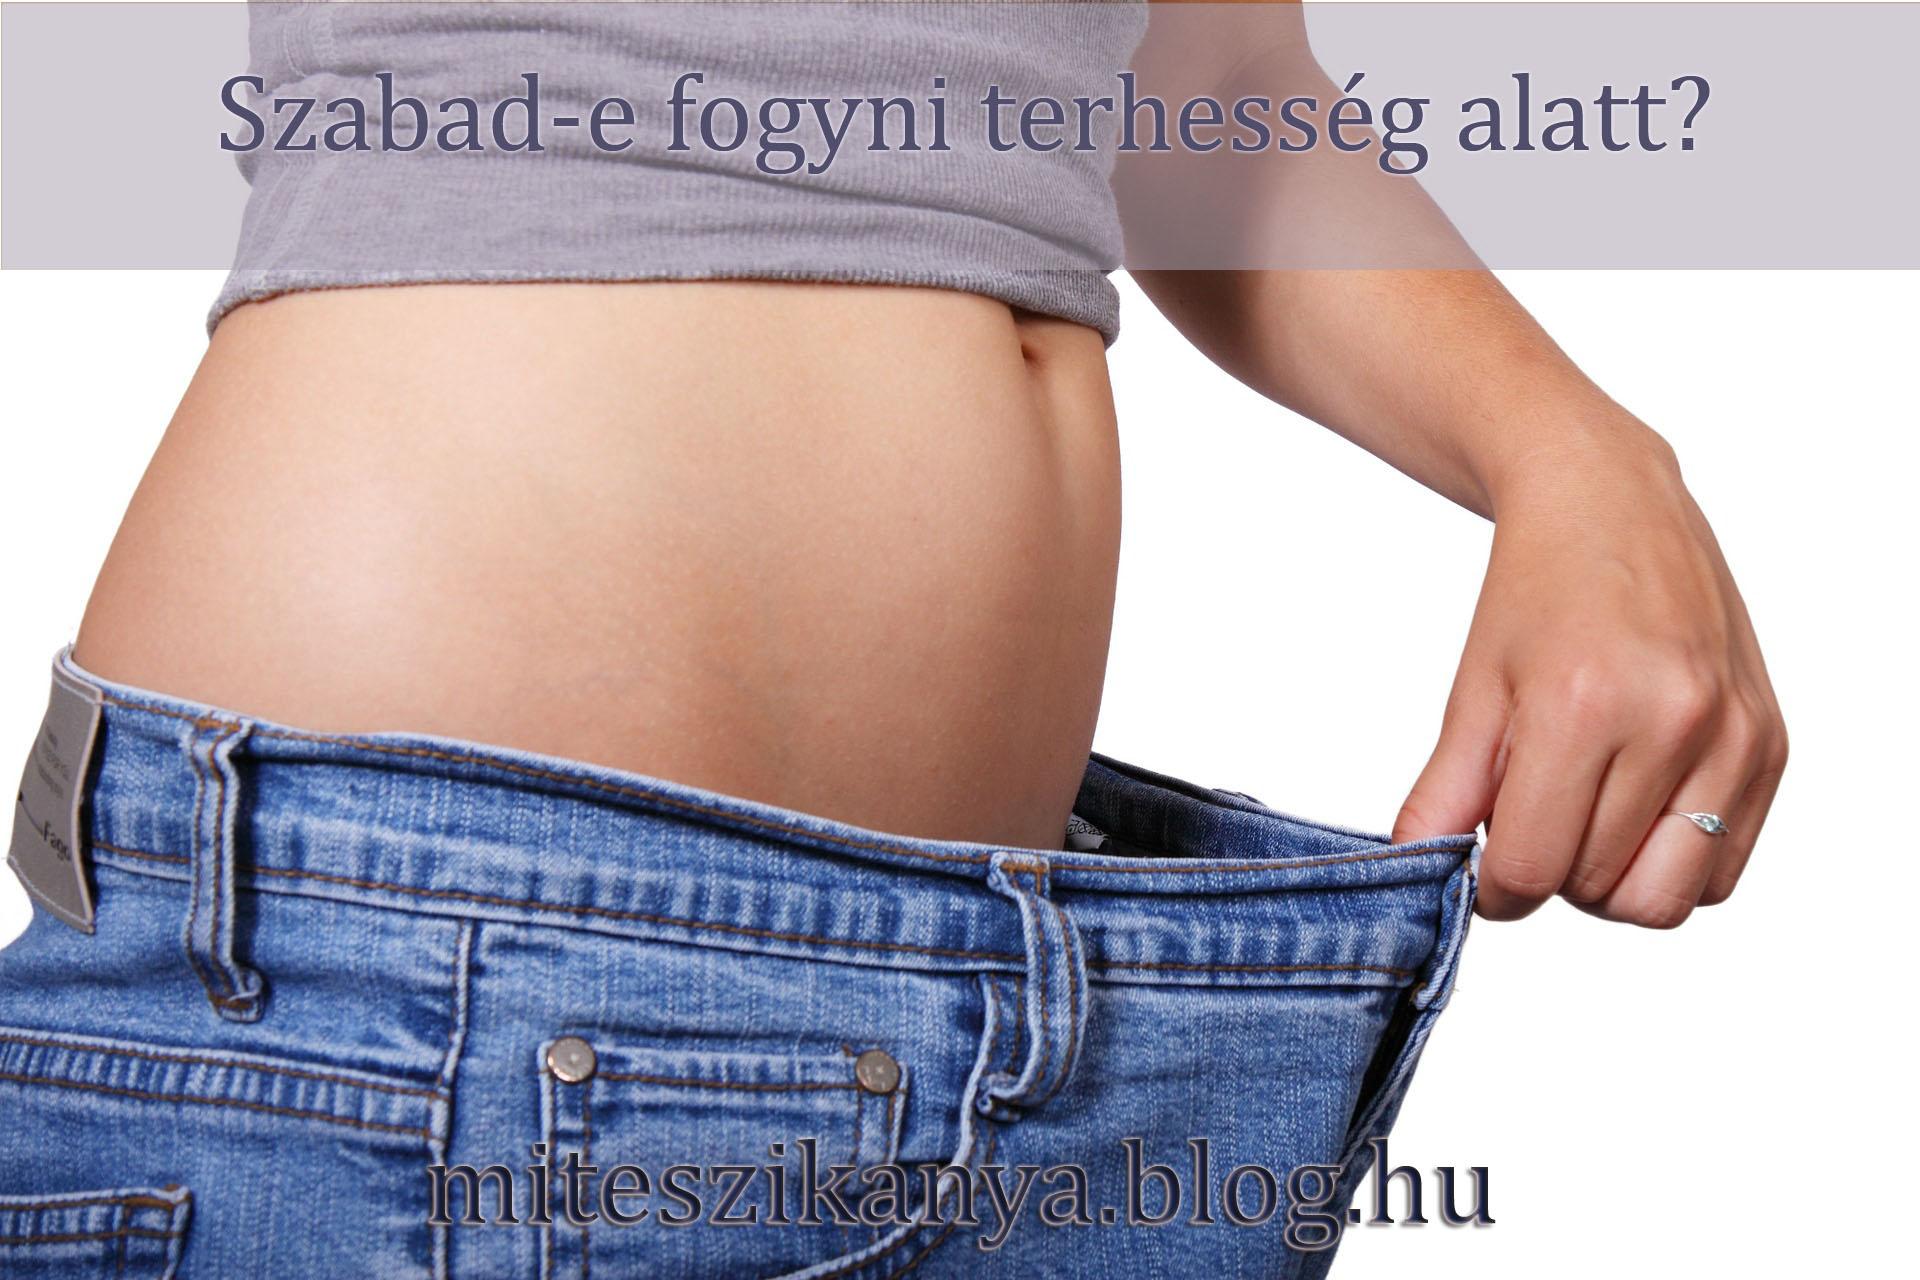 Neked mi az ideális testsúlyod?